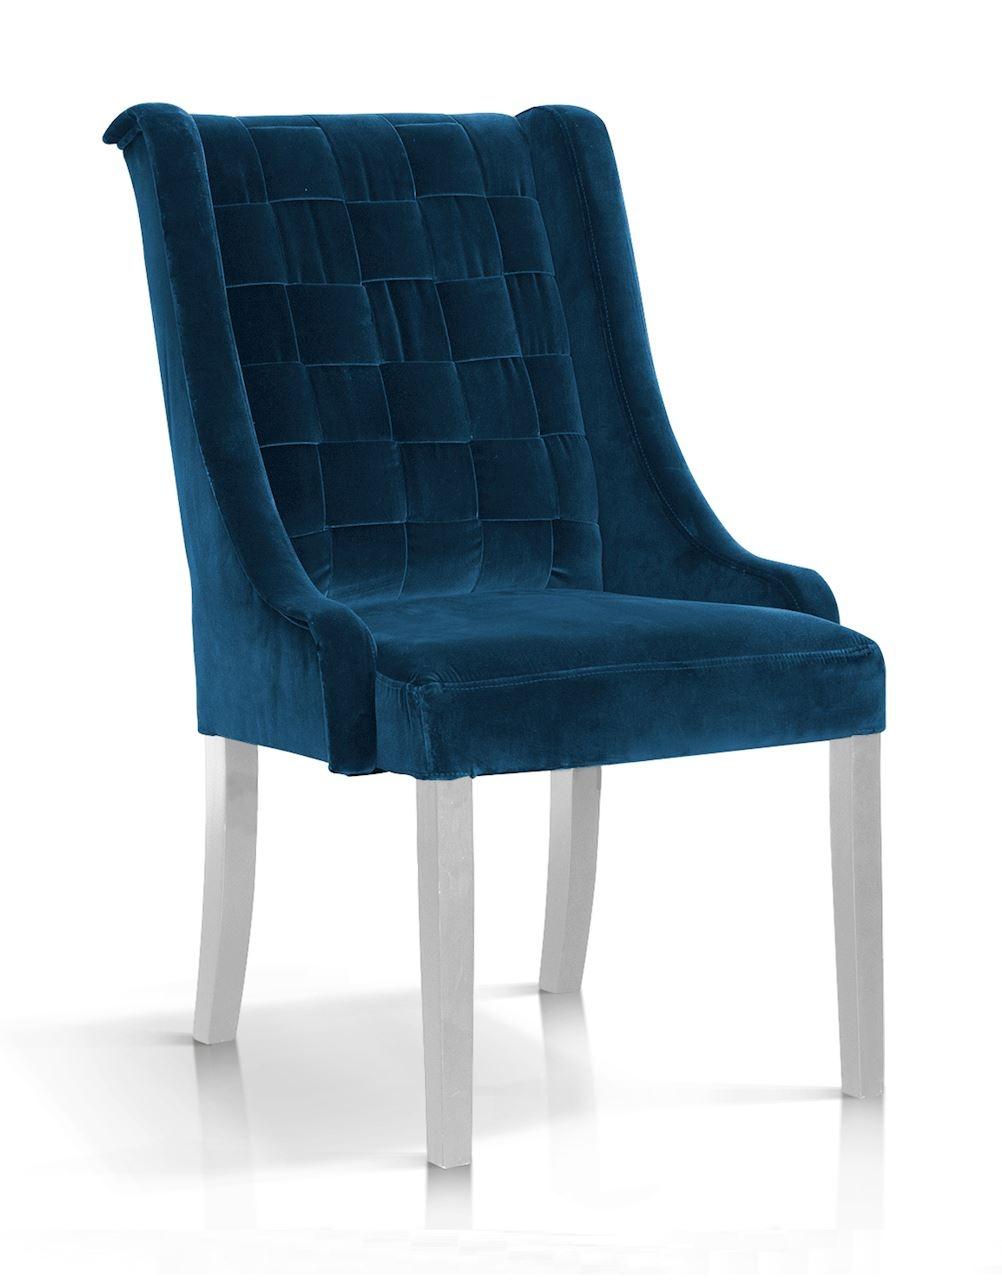 Scaun tapitat cu stofa, cu picioare din lemn Prince Bleumarin / Alb, l55xA70xH105 cm